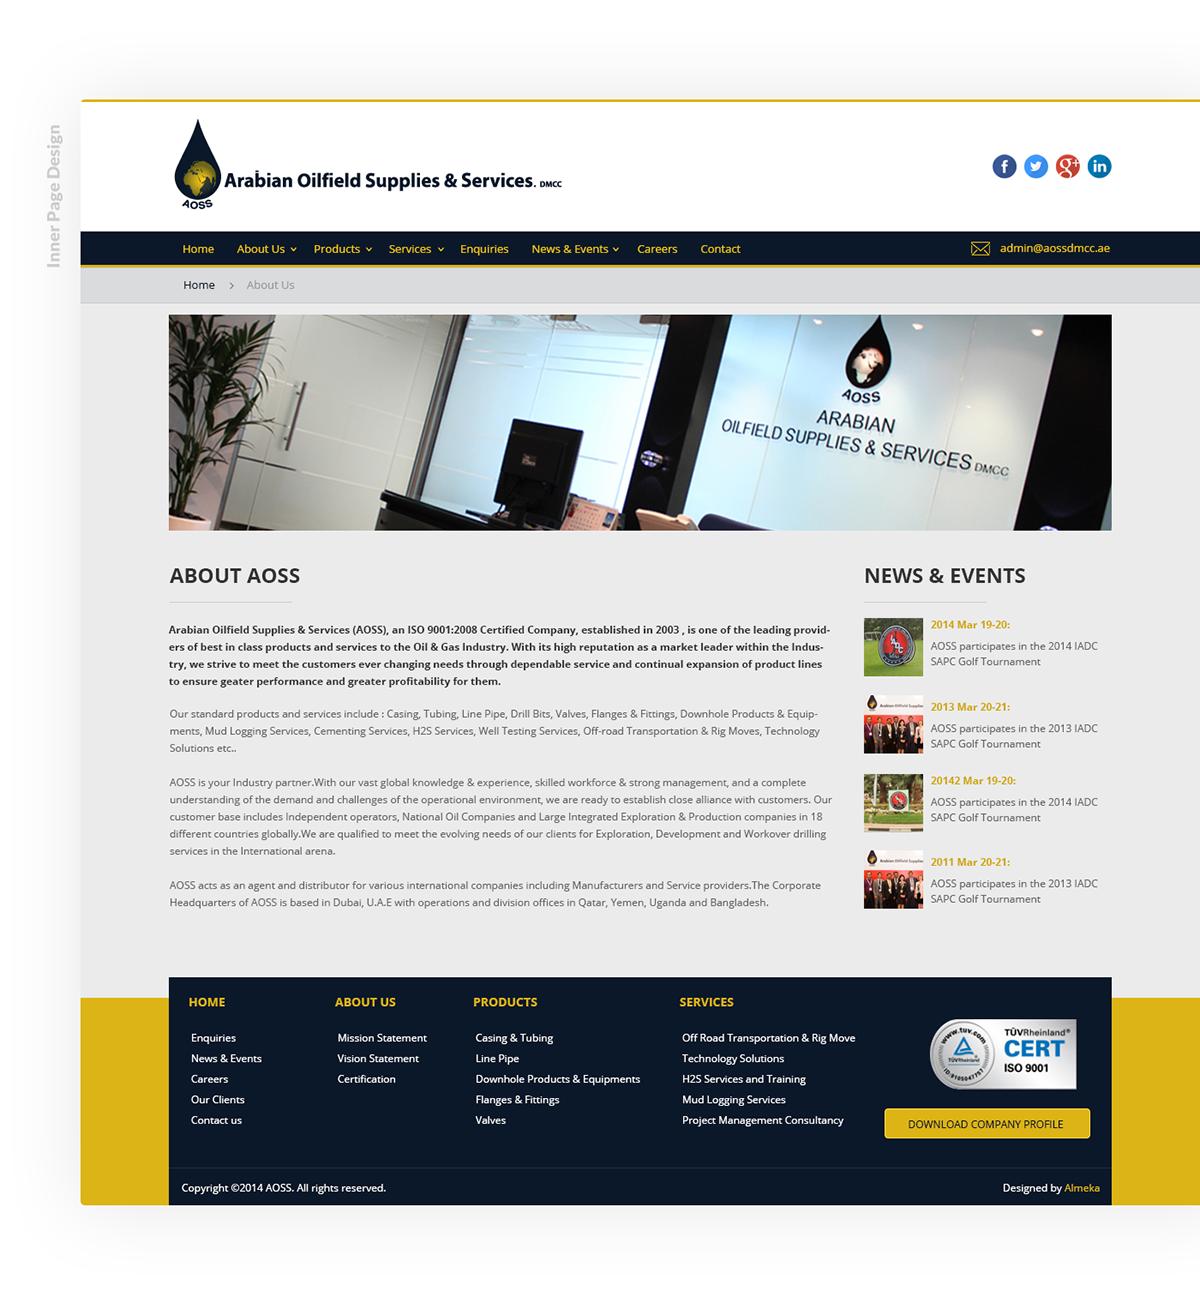 AOSS Website Design on Student Show